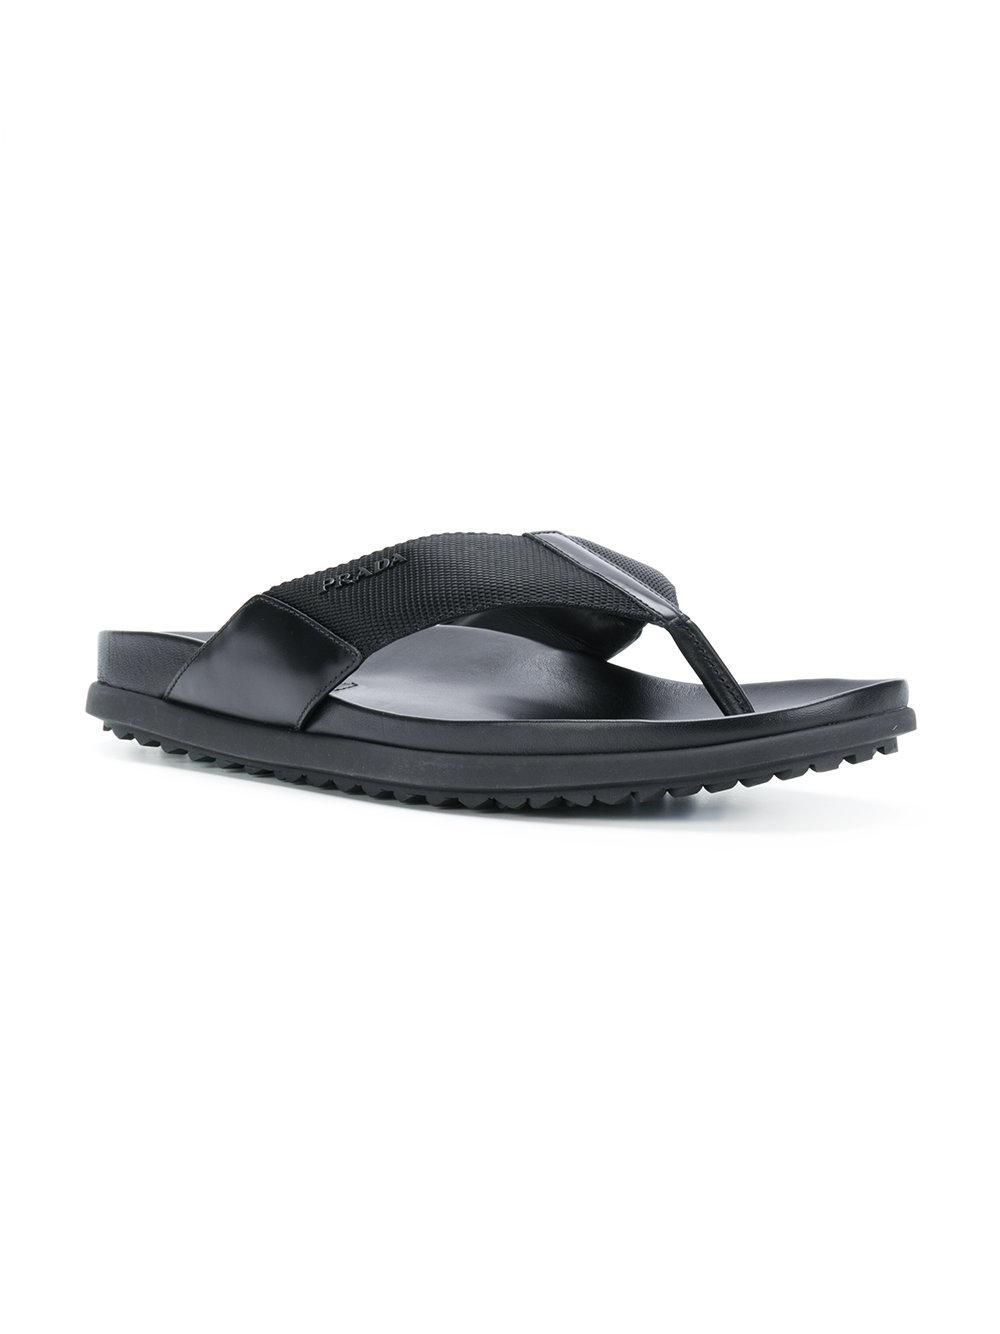 508954291d82e6 Lyst - Prada Metal Logo Flip Flops in Black for Men